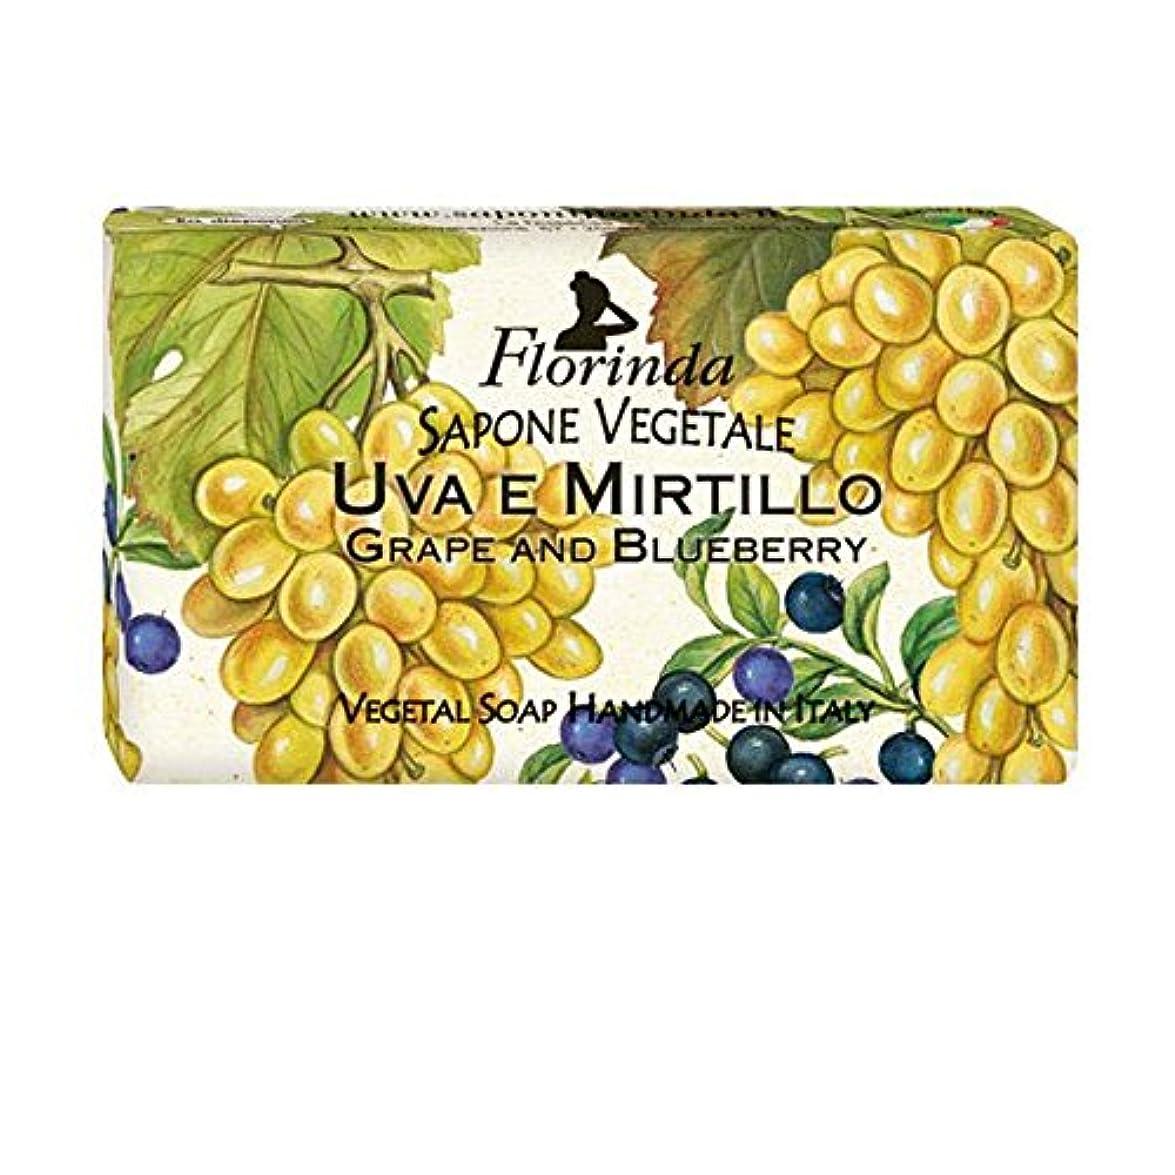 はがきゴミ箱定義するFlorinda フロリンダ フレグランスソープ フルーツ グレープ&ブルーベリー 100g [並行輸入品]